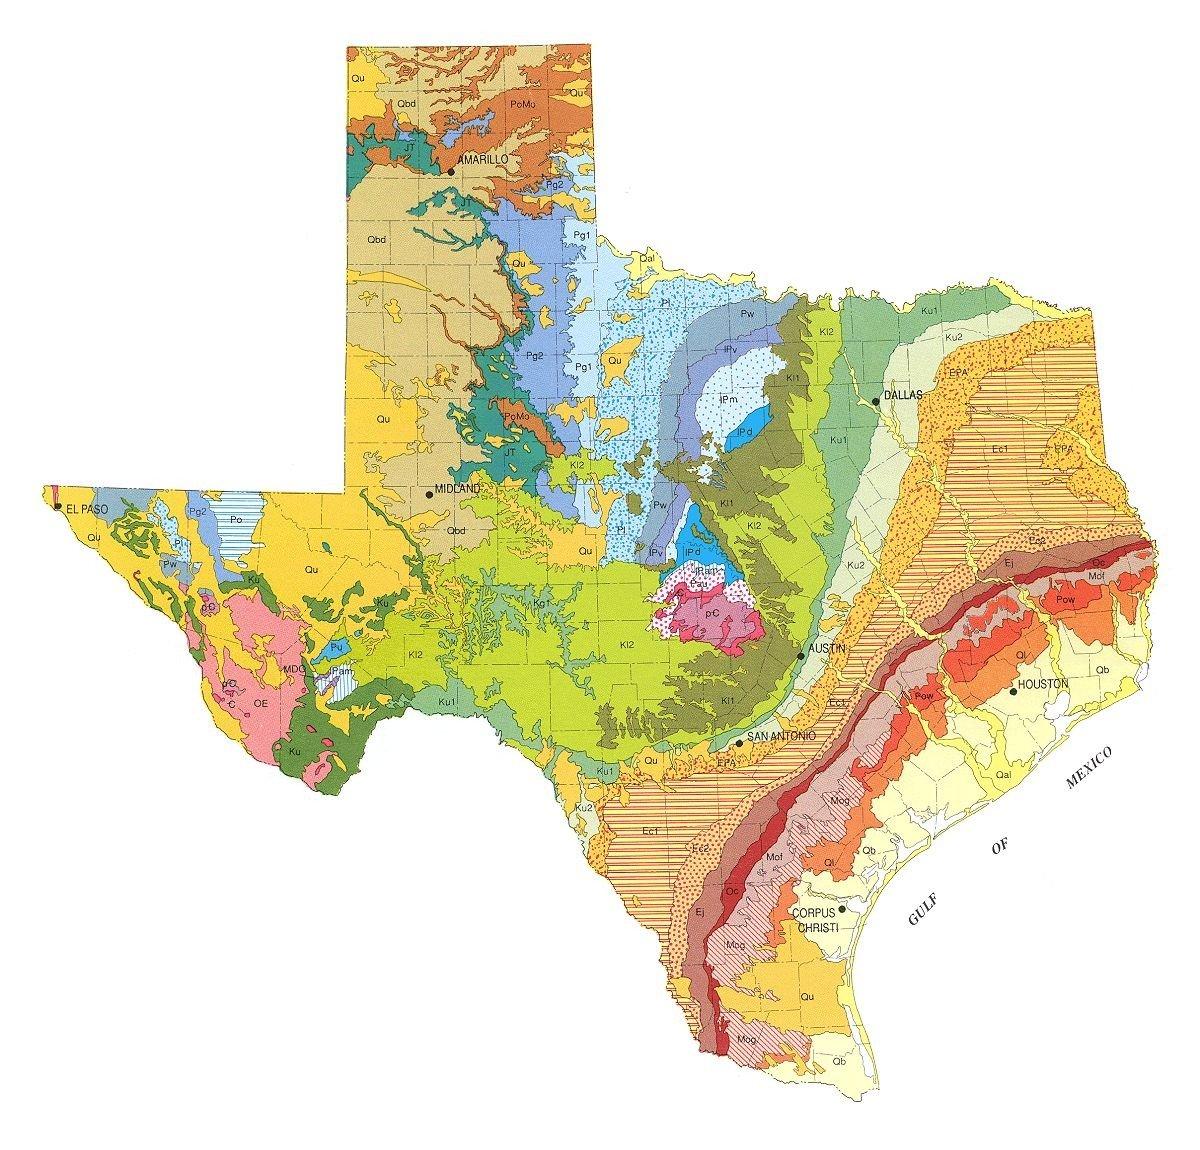 Texas Geological Survey